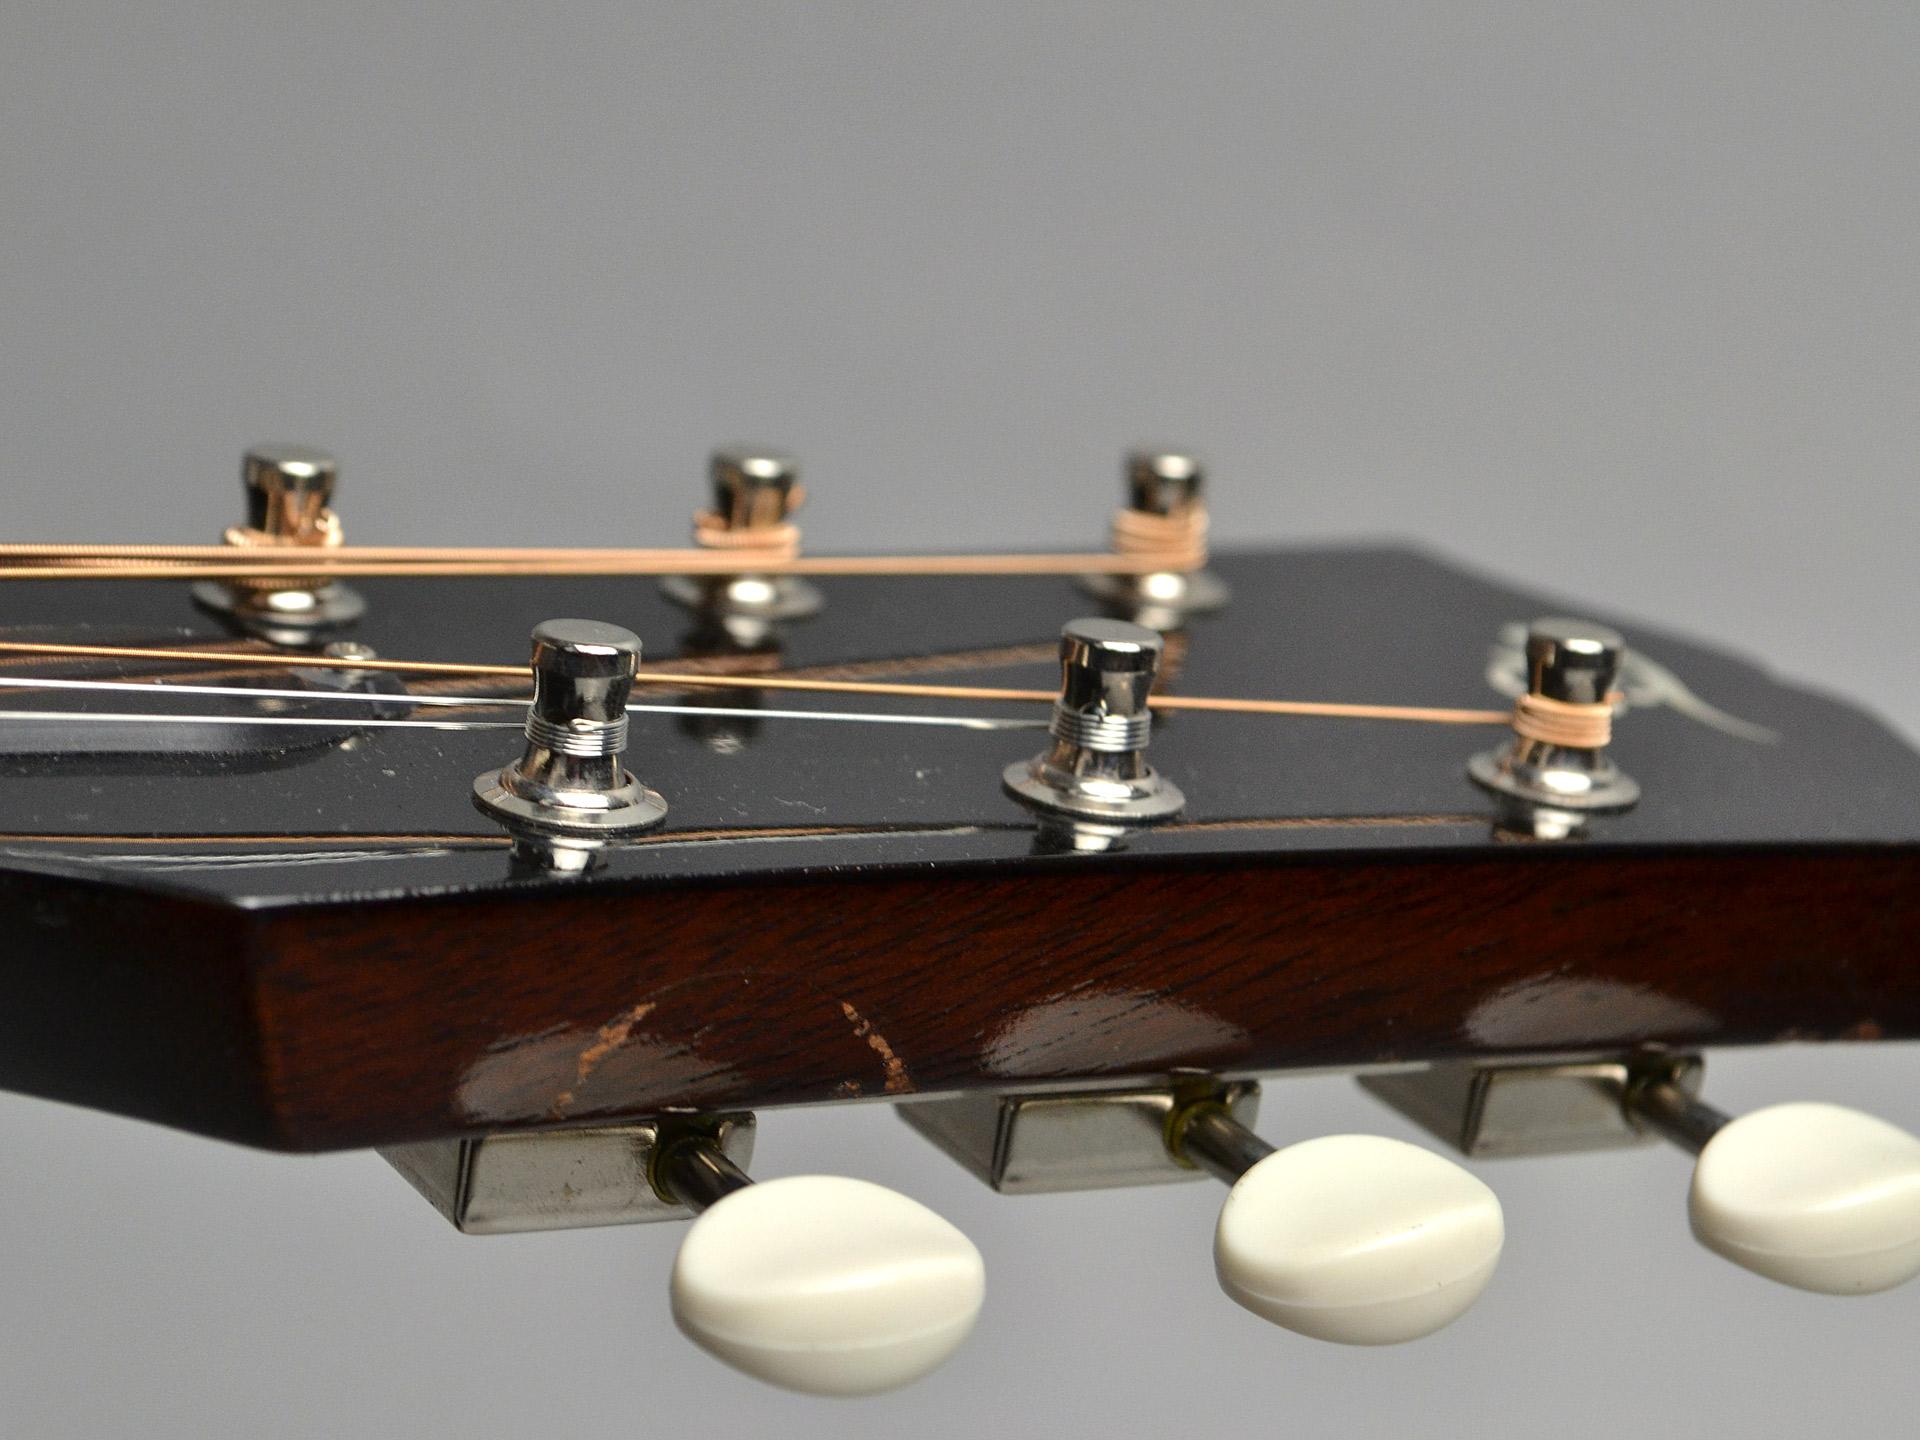 TJ-45 60sのヘッド裏-アップ画像